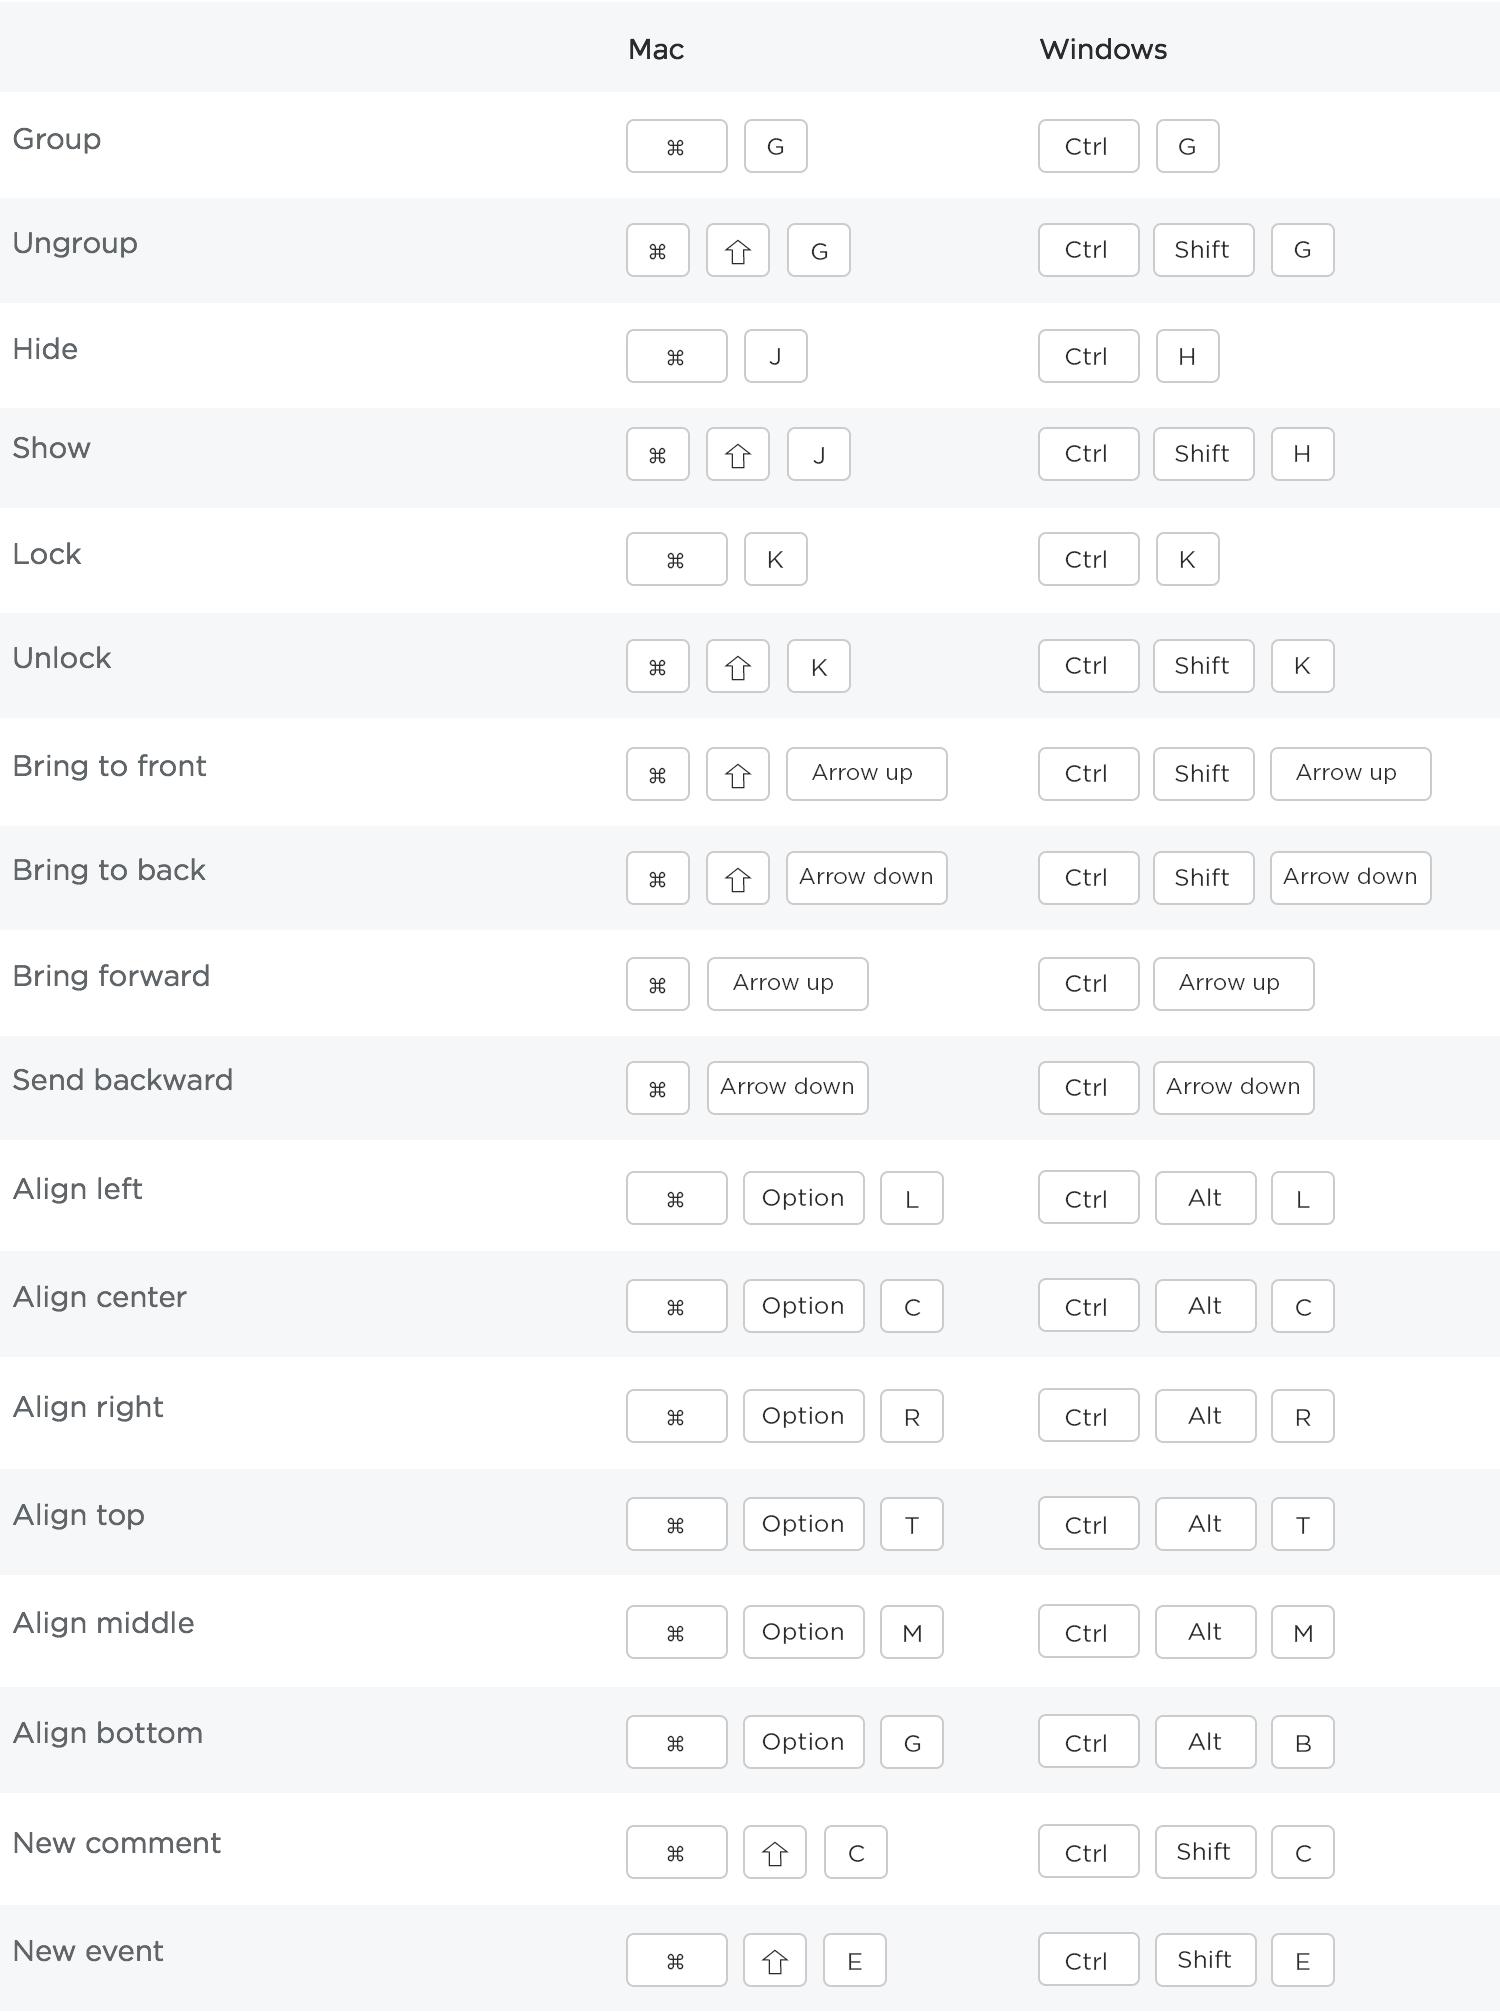 Widget shortcuts